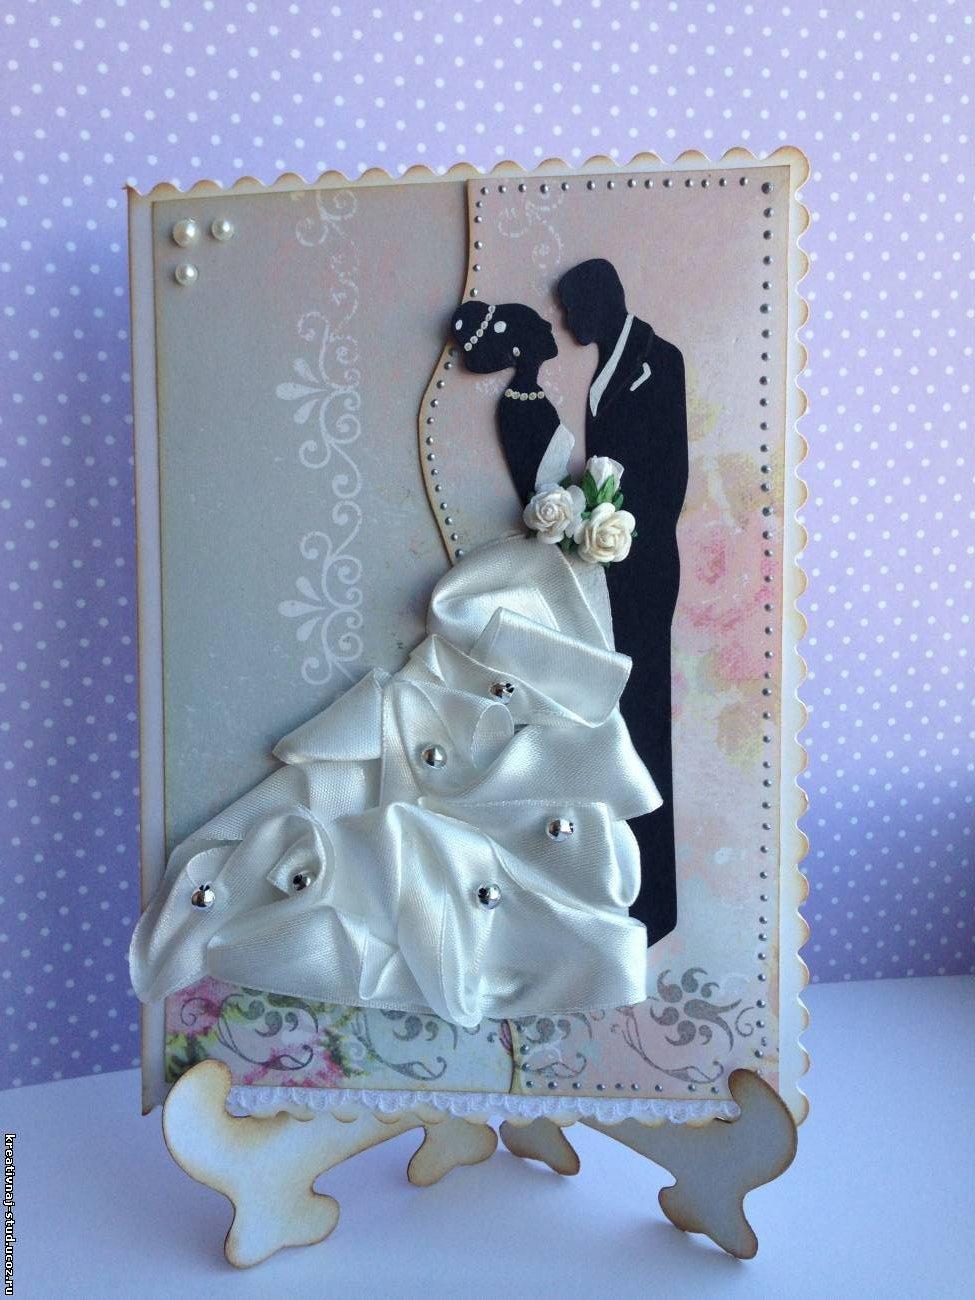 Мк открыток на годовщину свадьбы, открытки